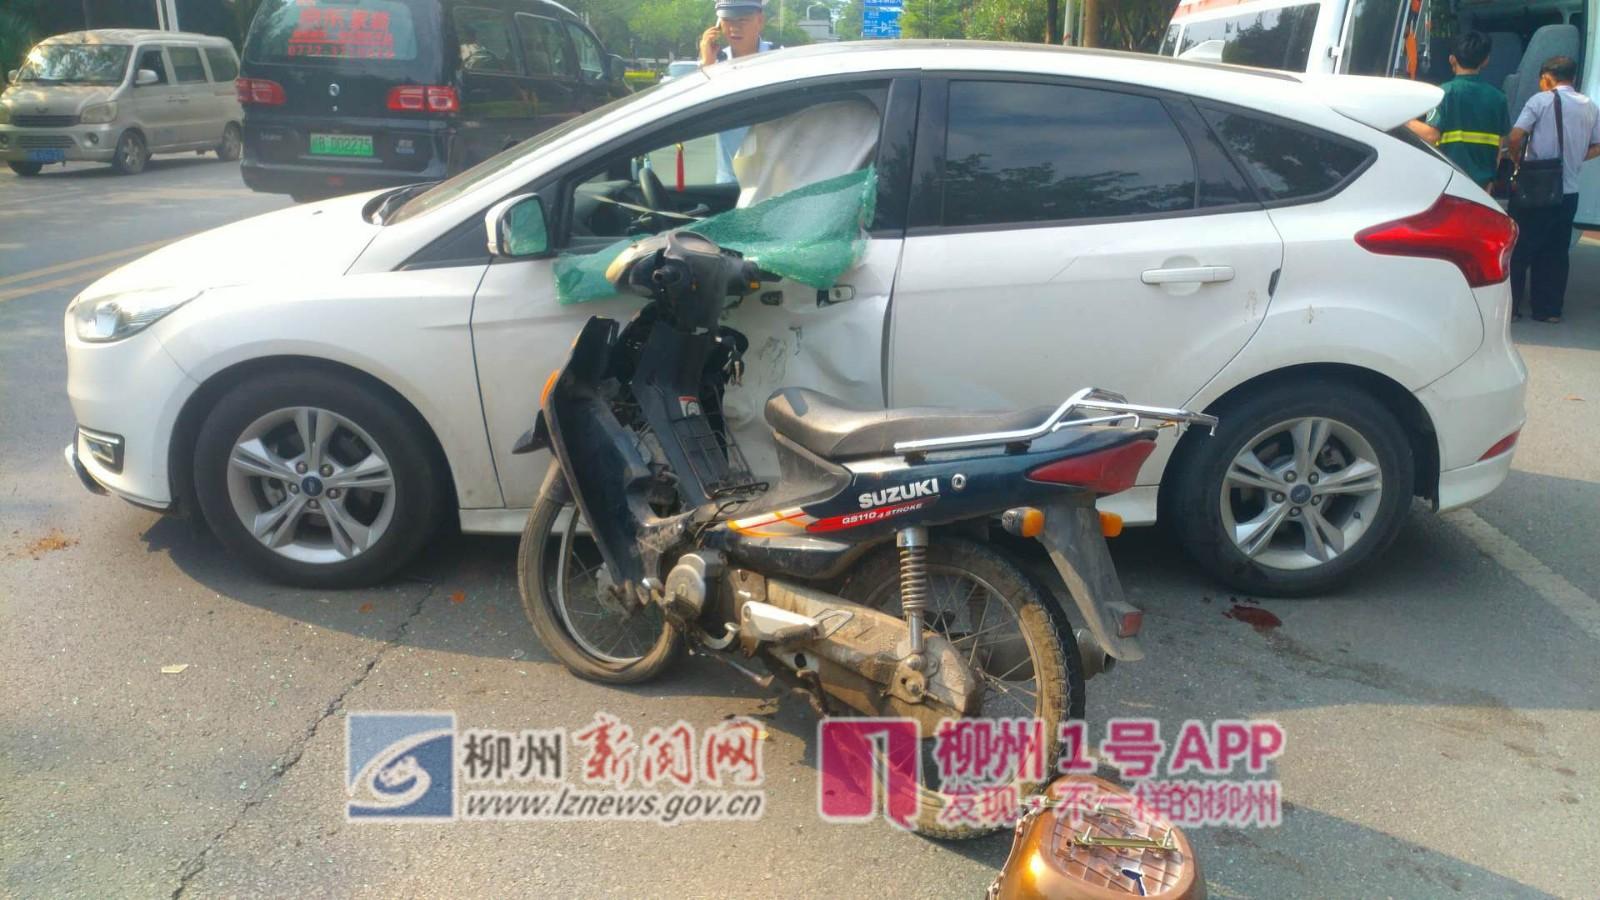 摩托車一頭撞向小車駕駛室側門:汽車玻璃碎成渣,騎手也傷得滿臉是血!